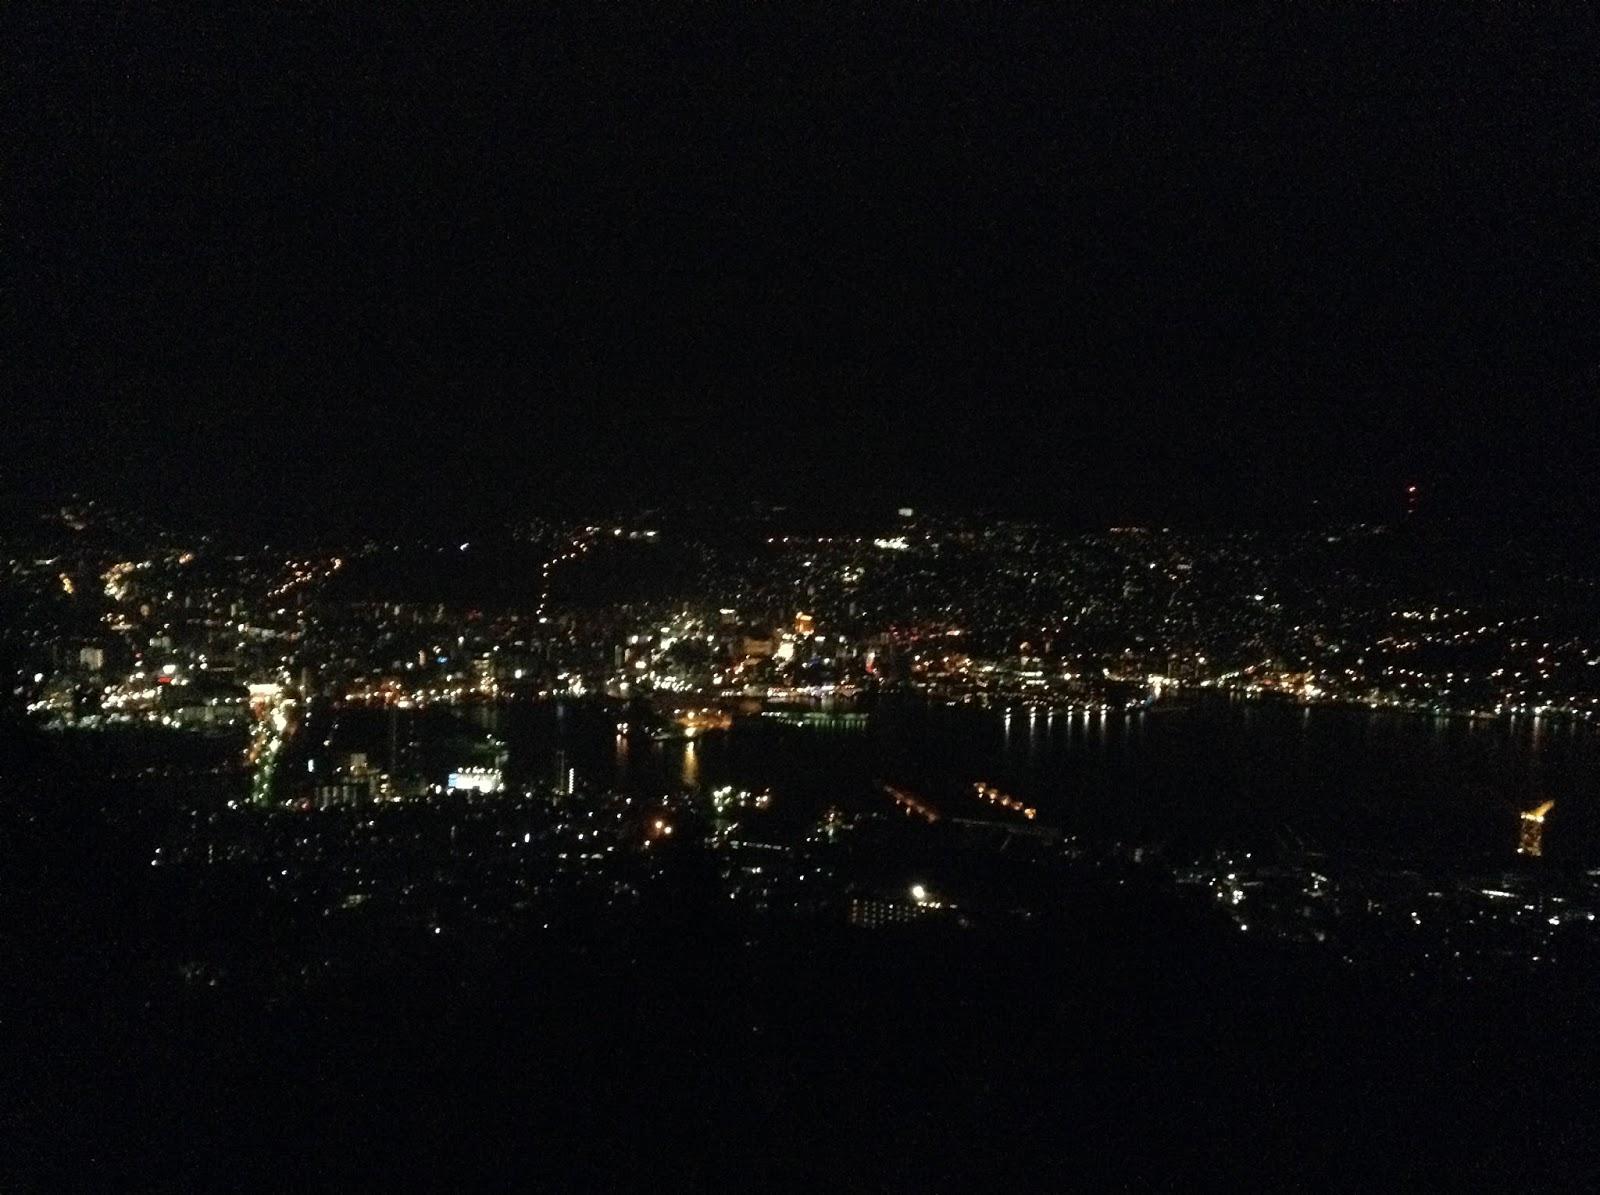 Inasayama Nagasaki